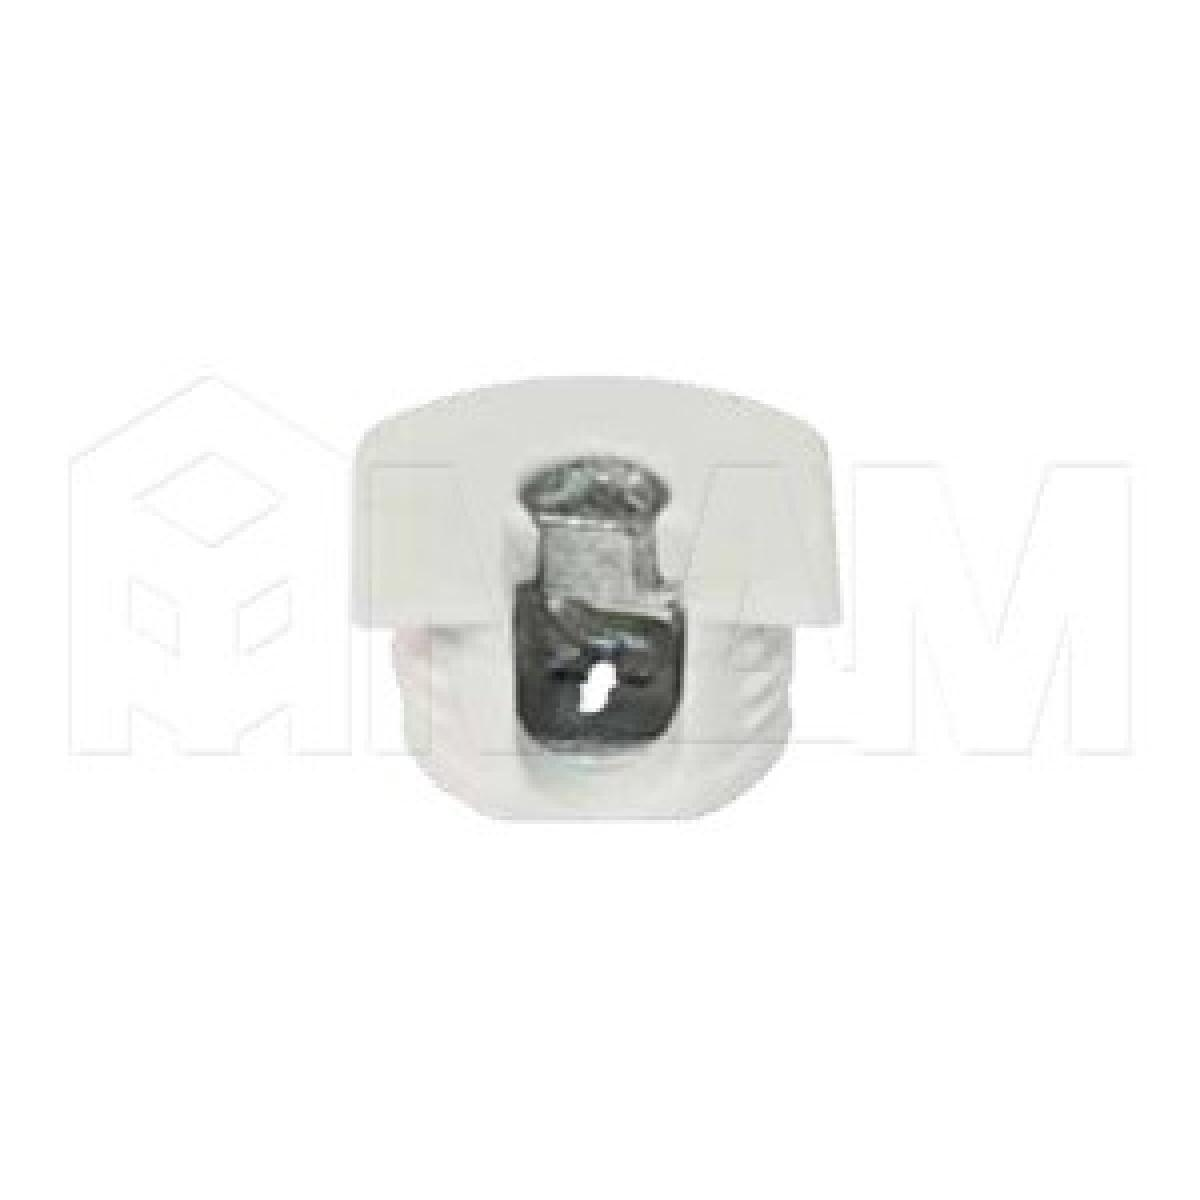 Эксцентрик усиленный в пластиковом корпусе 25 мм, белый